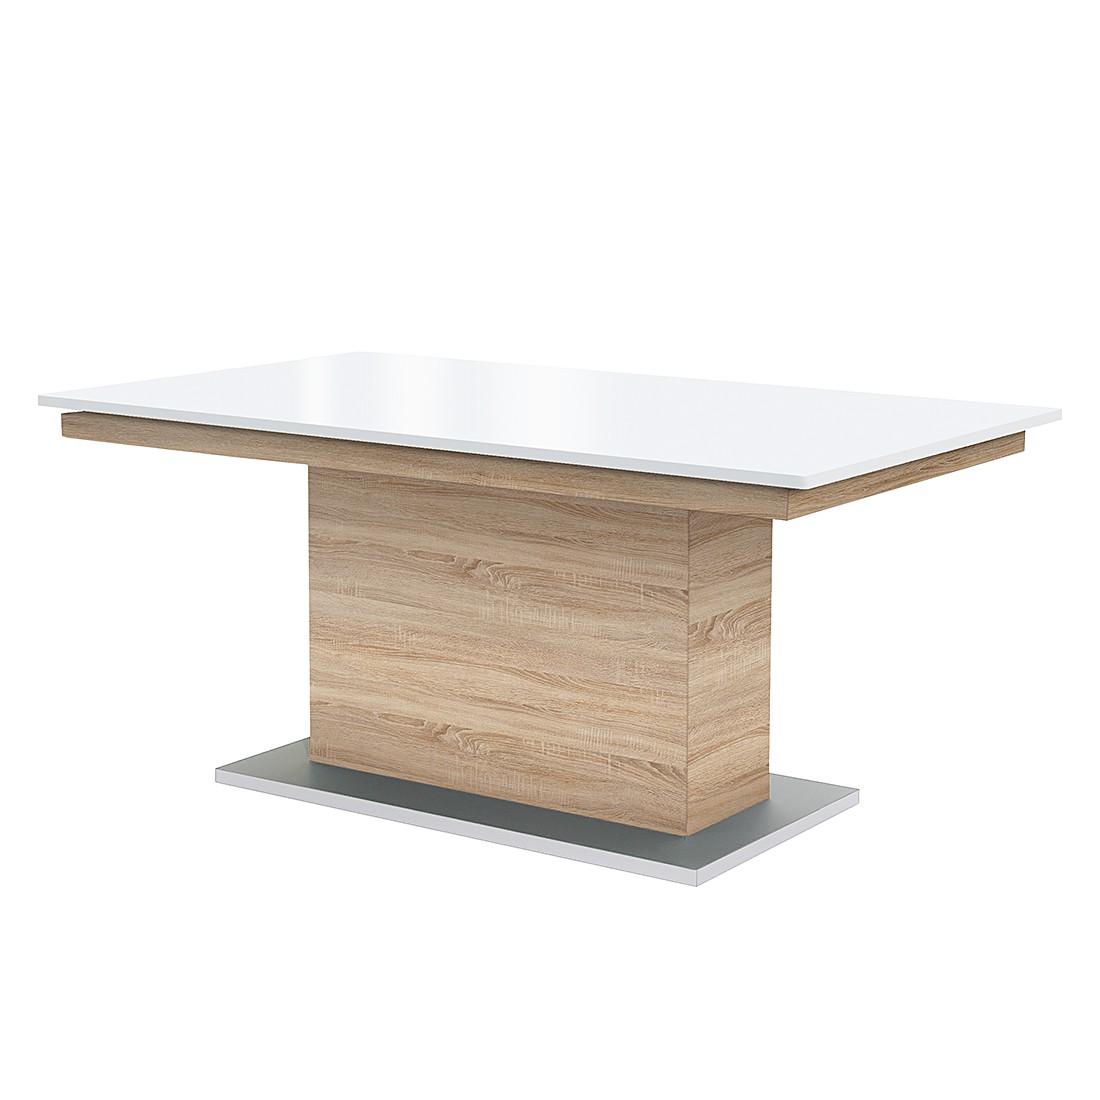 Säulentisch Deck (ausziehbar)   Eiche Dekor/Hochglanz Weiß   160 X 95 Cm, Arte  Mu20ac 679,99Anbieter: Home24.atVersand: Kostenlos